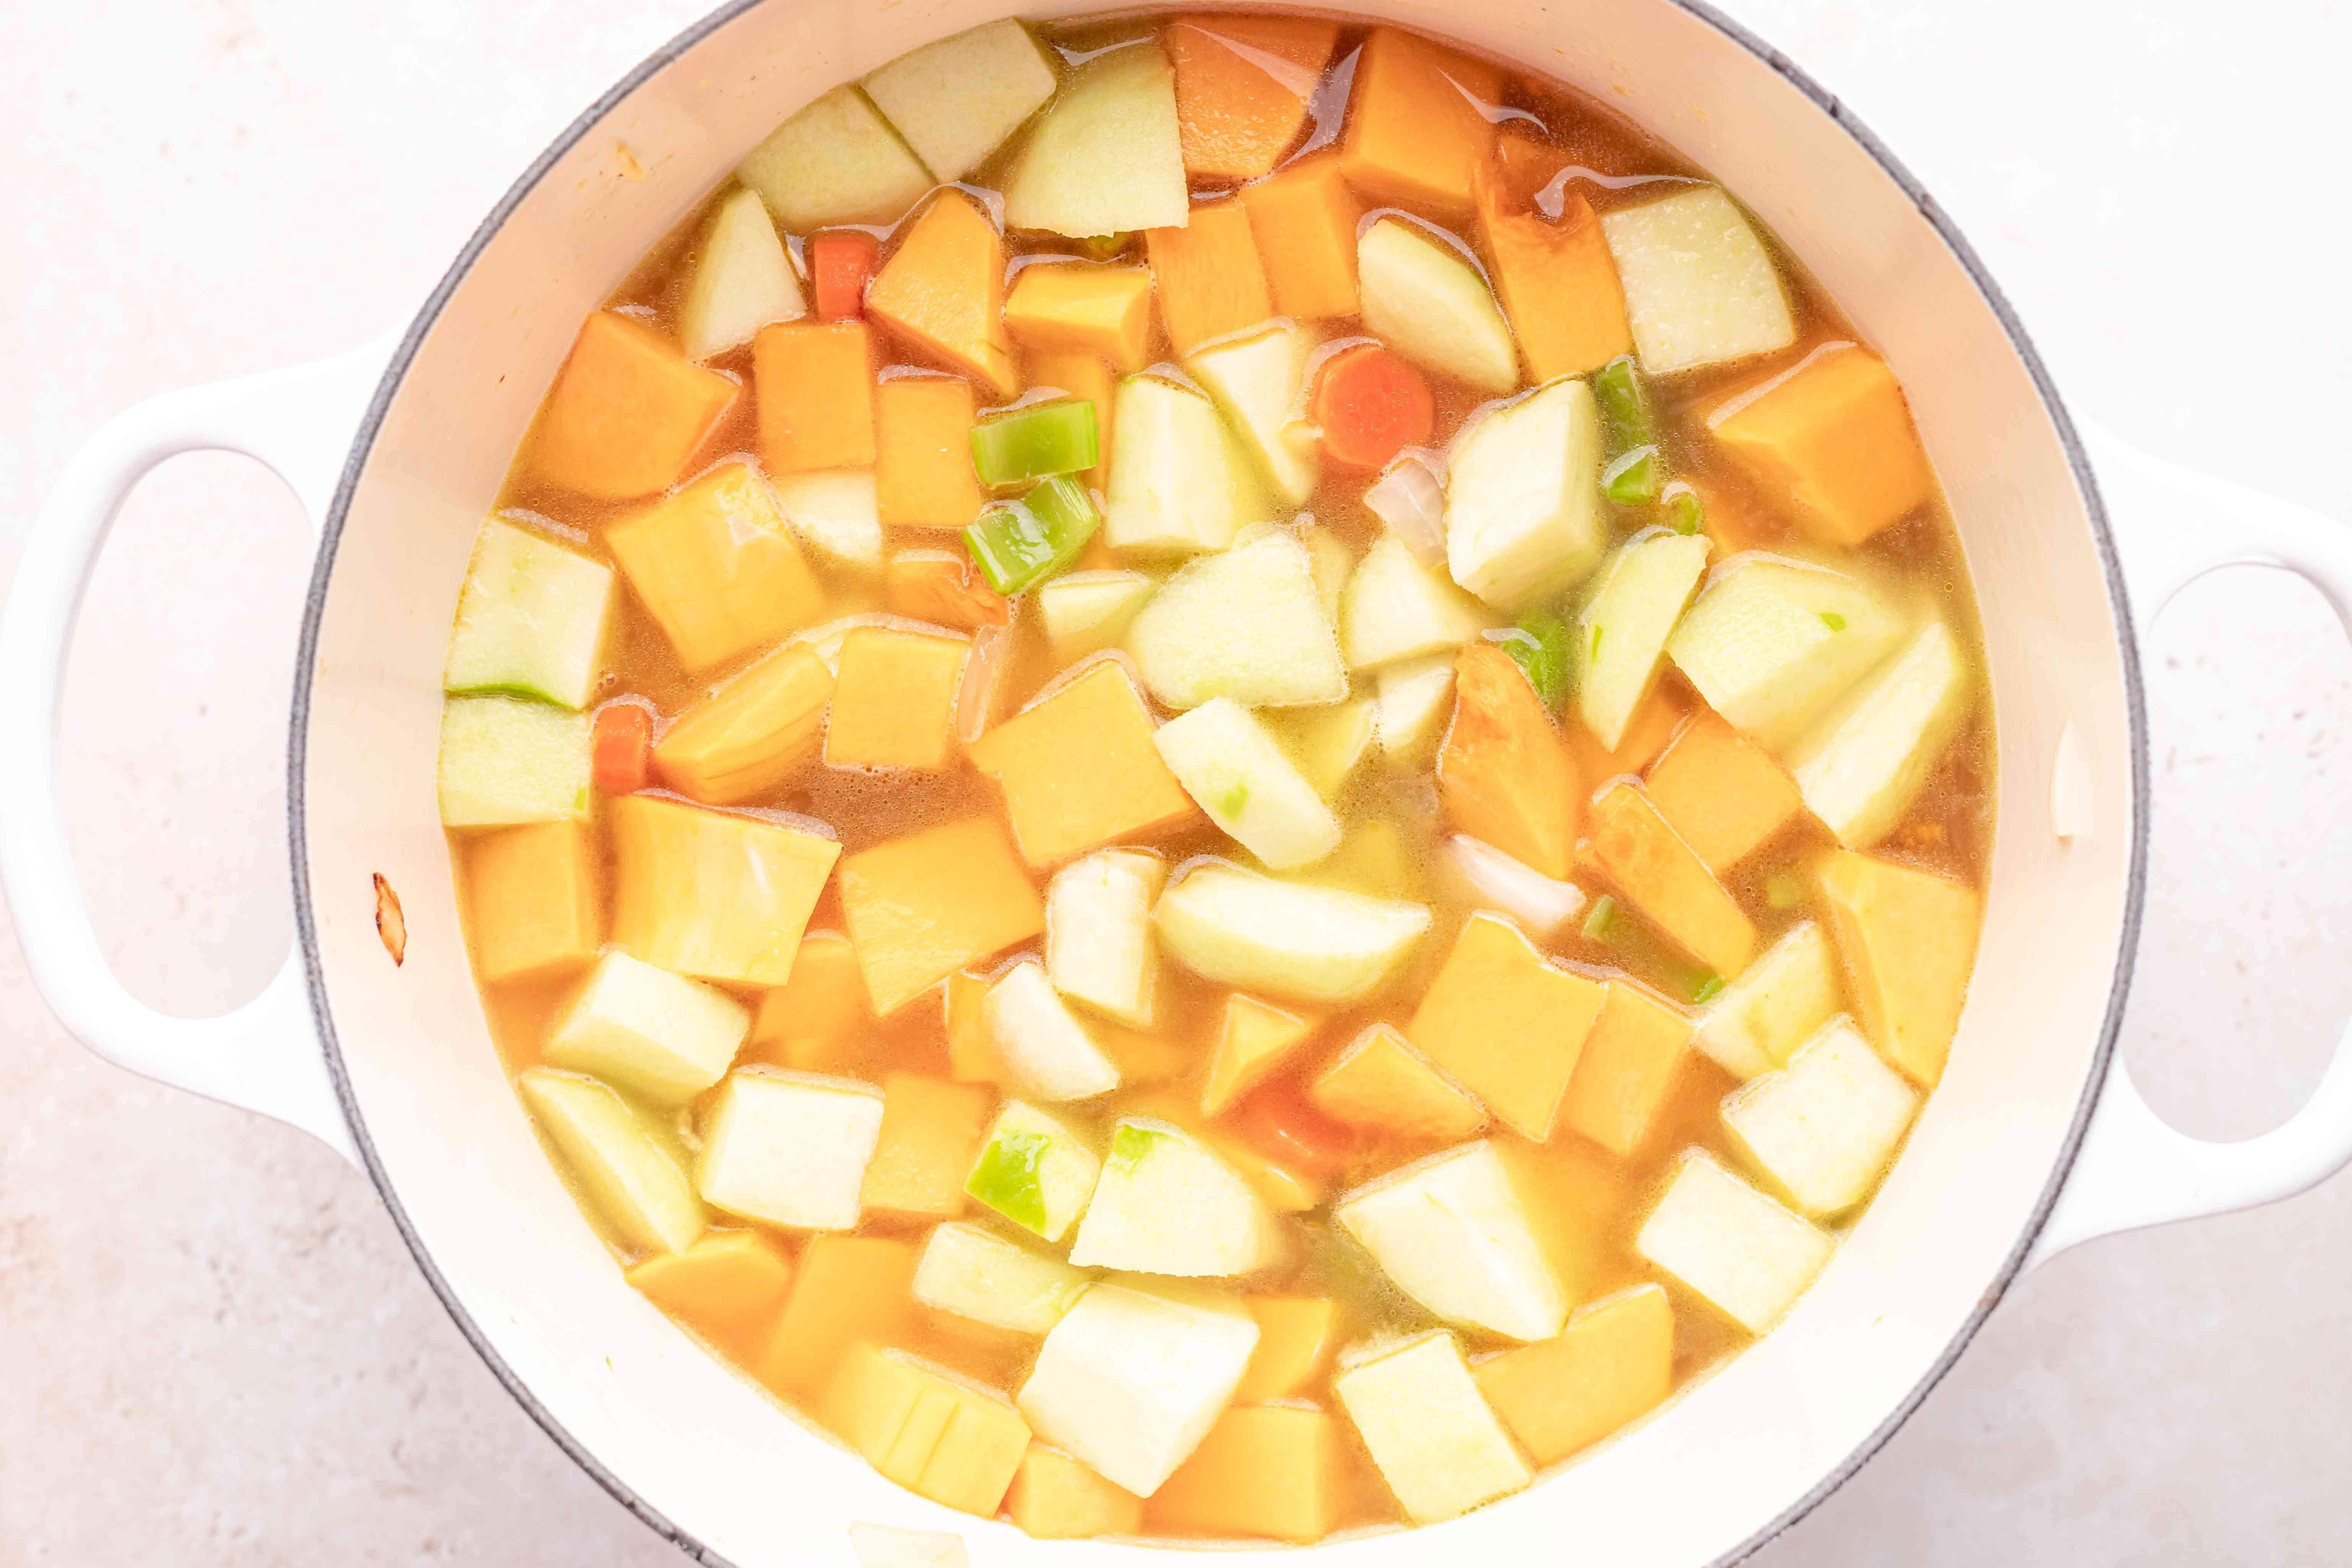 Making butternut squash soup recipe in a dutch oven.